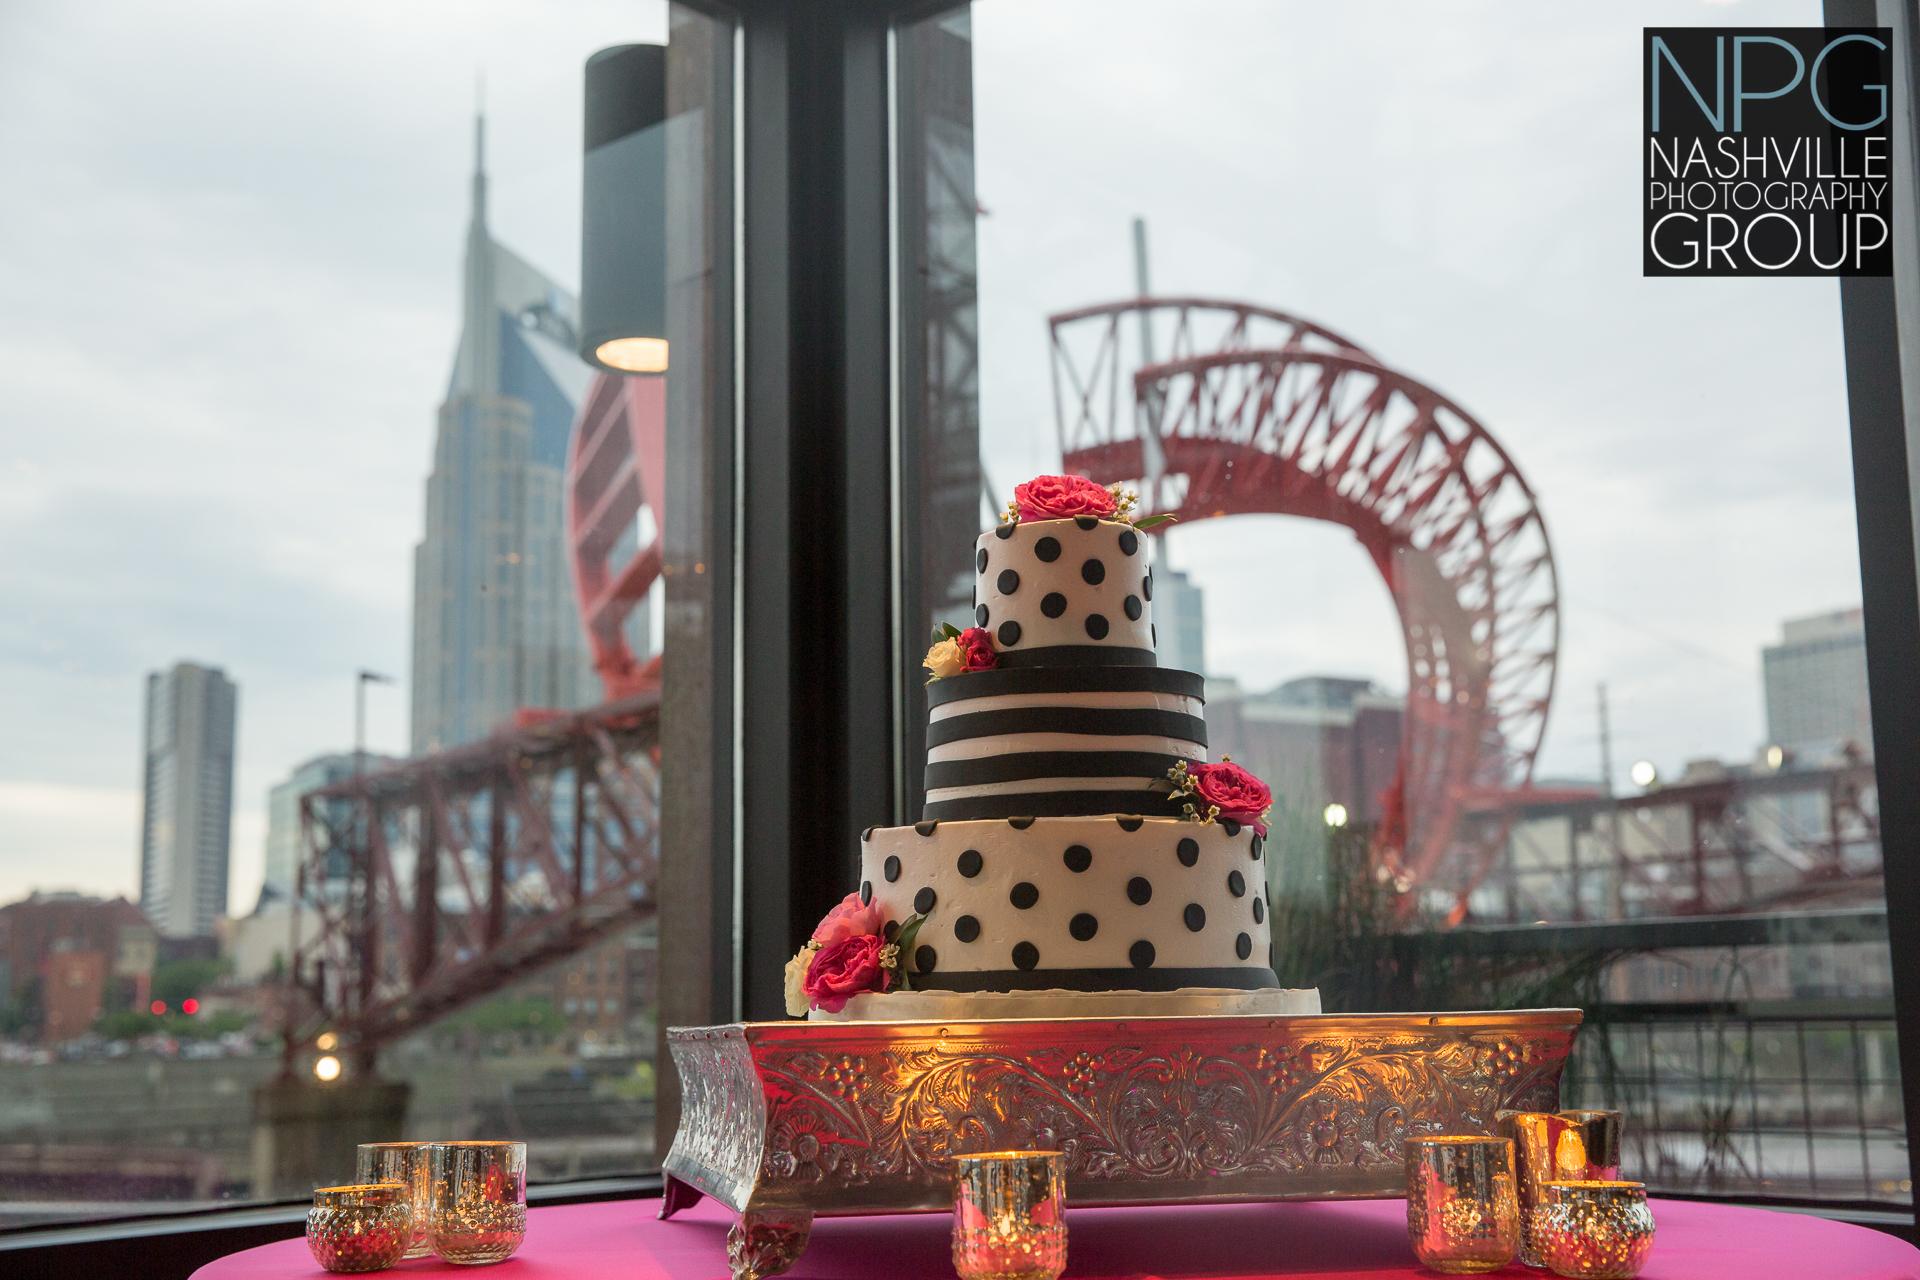 Nashville Photography Group - wedding photographers (4 of 5).jpg